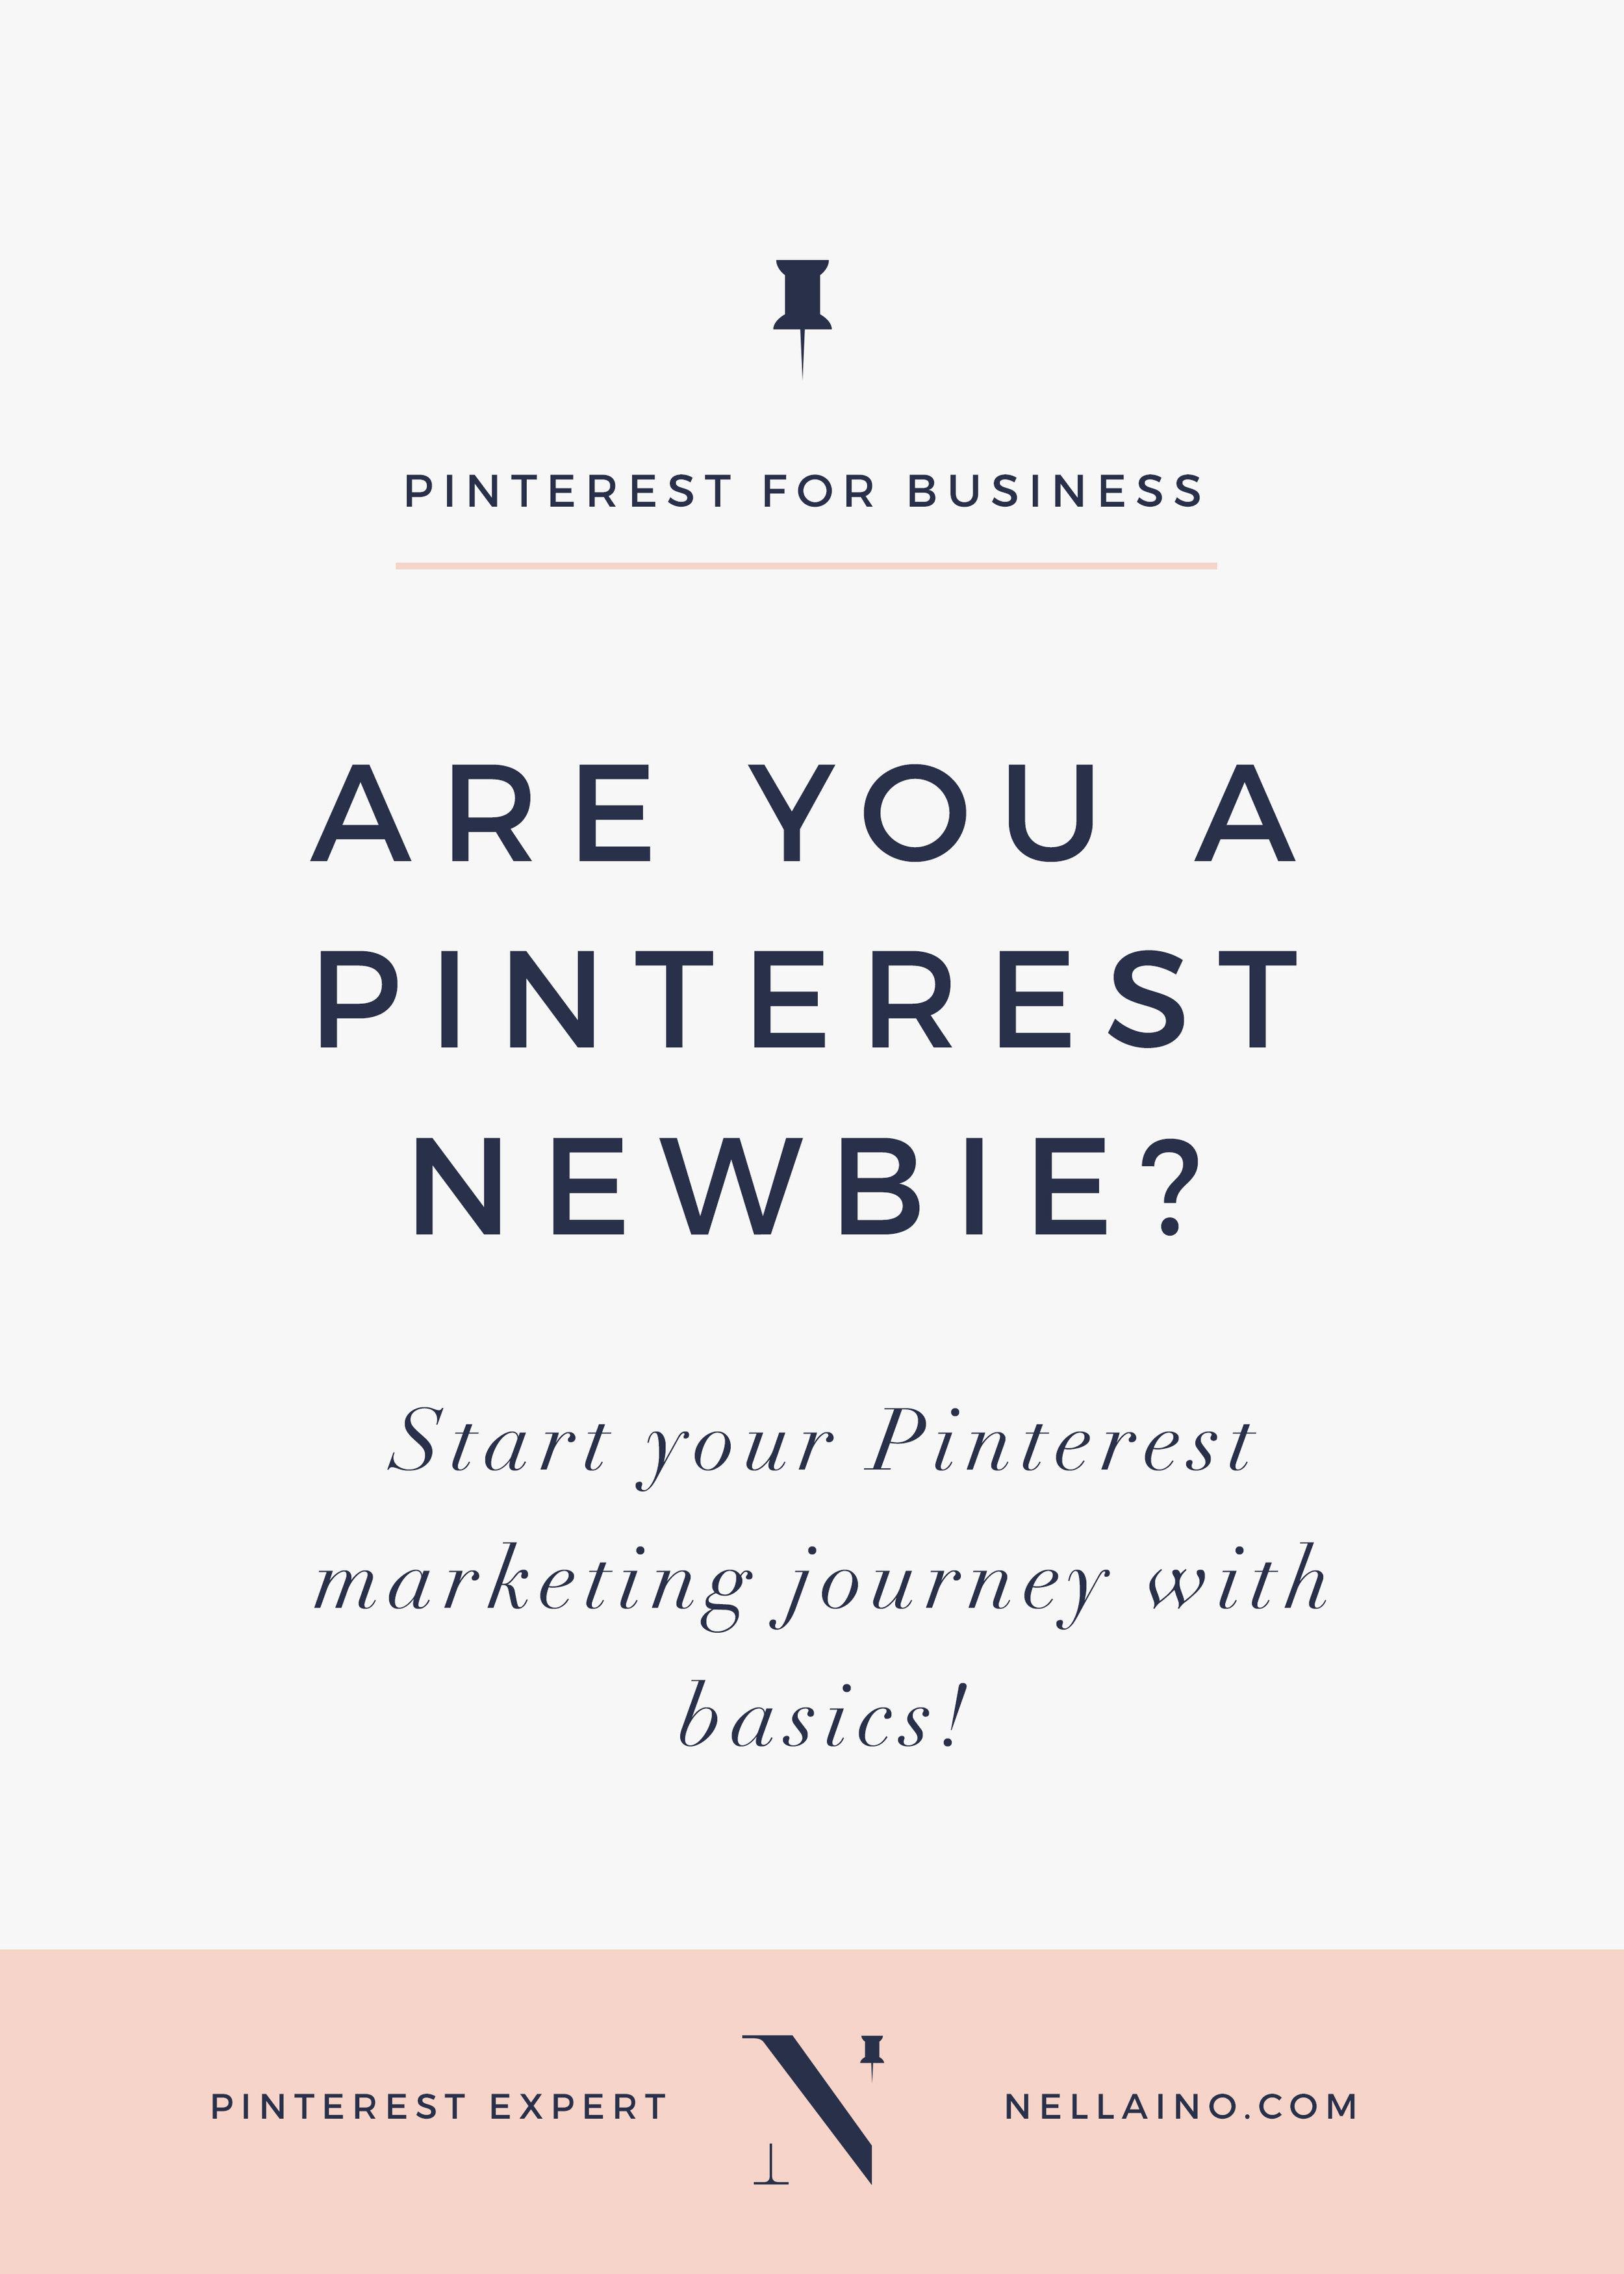 Pinterest-newbie-for-pinterest-marketing.jpg